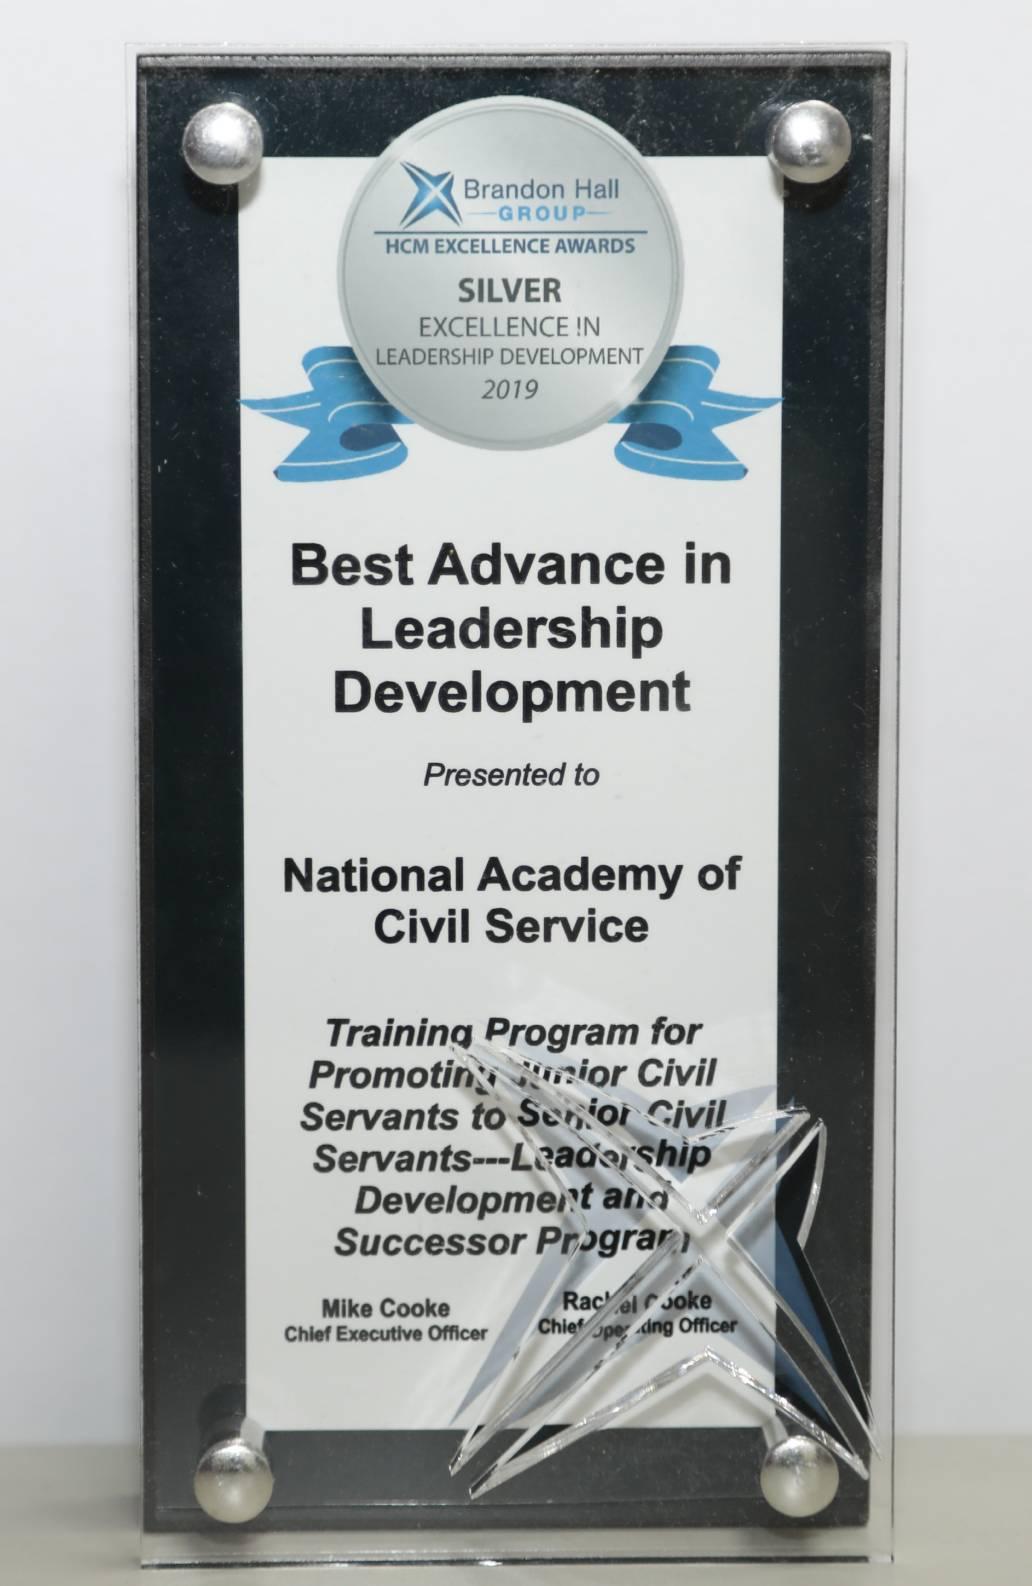 2019年布蘭登‧霍爾人力資源管理卓越獎項銀牌獎